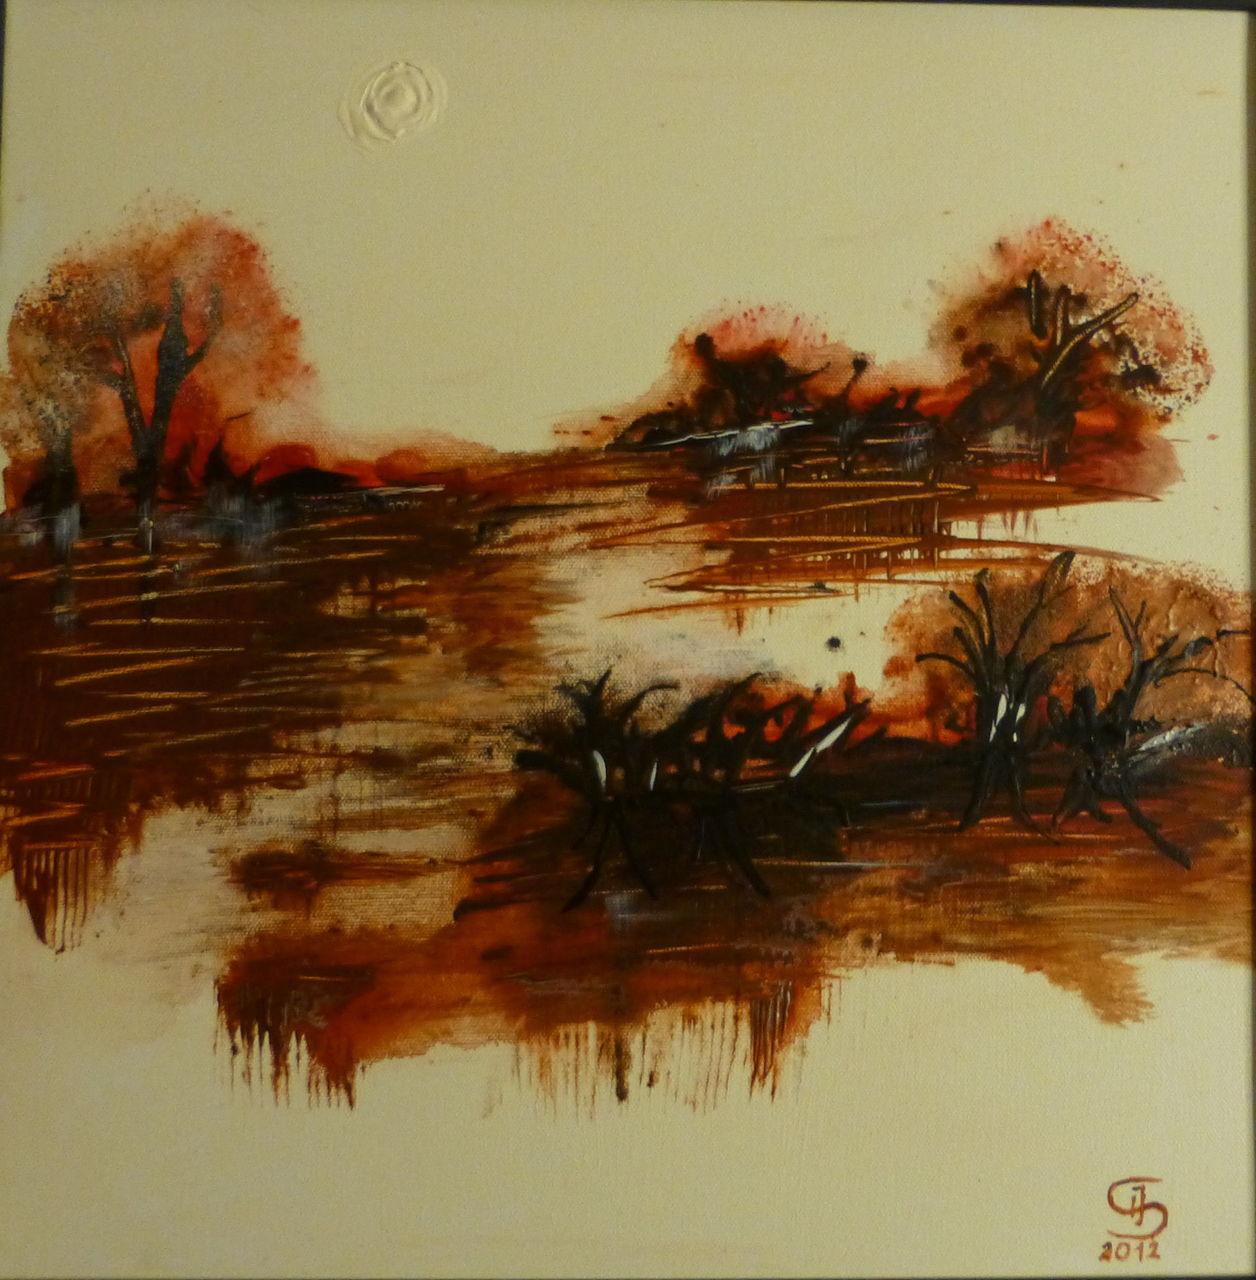 warme farben malerei, 0118 stille am see - warme farben, acrylmalerei, malerei, stille von, Innenarchitektur